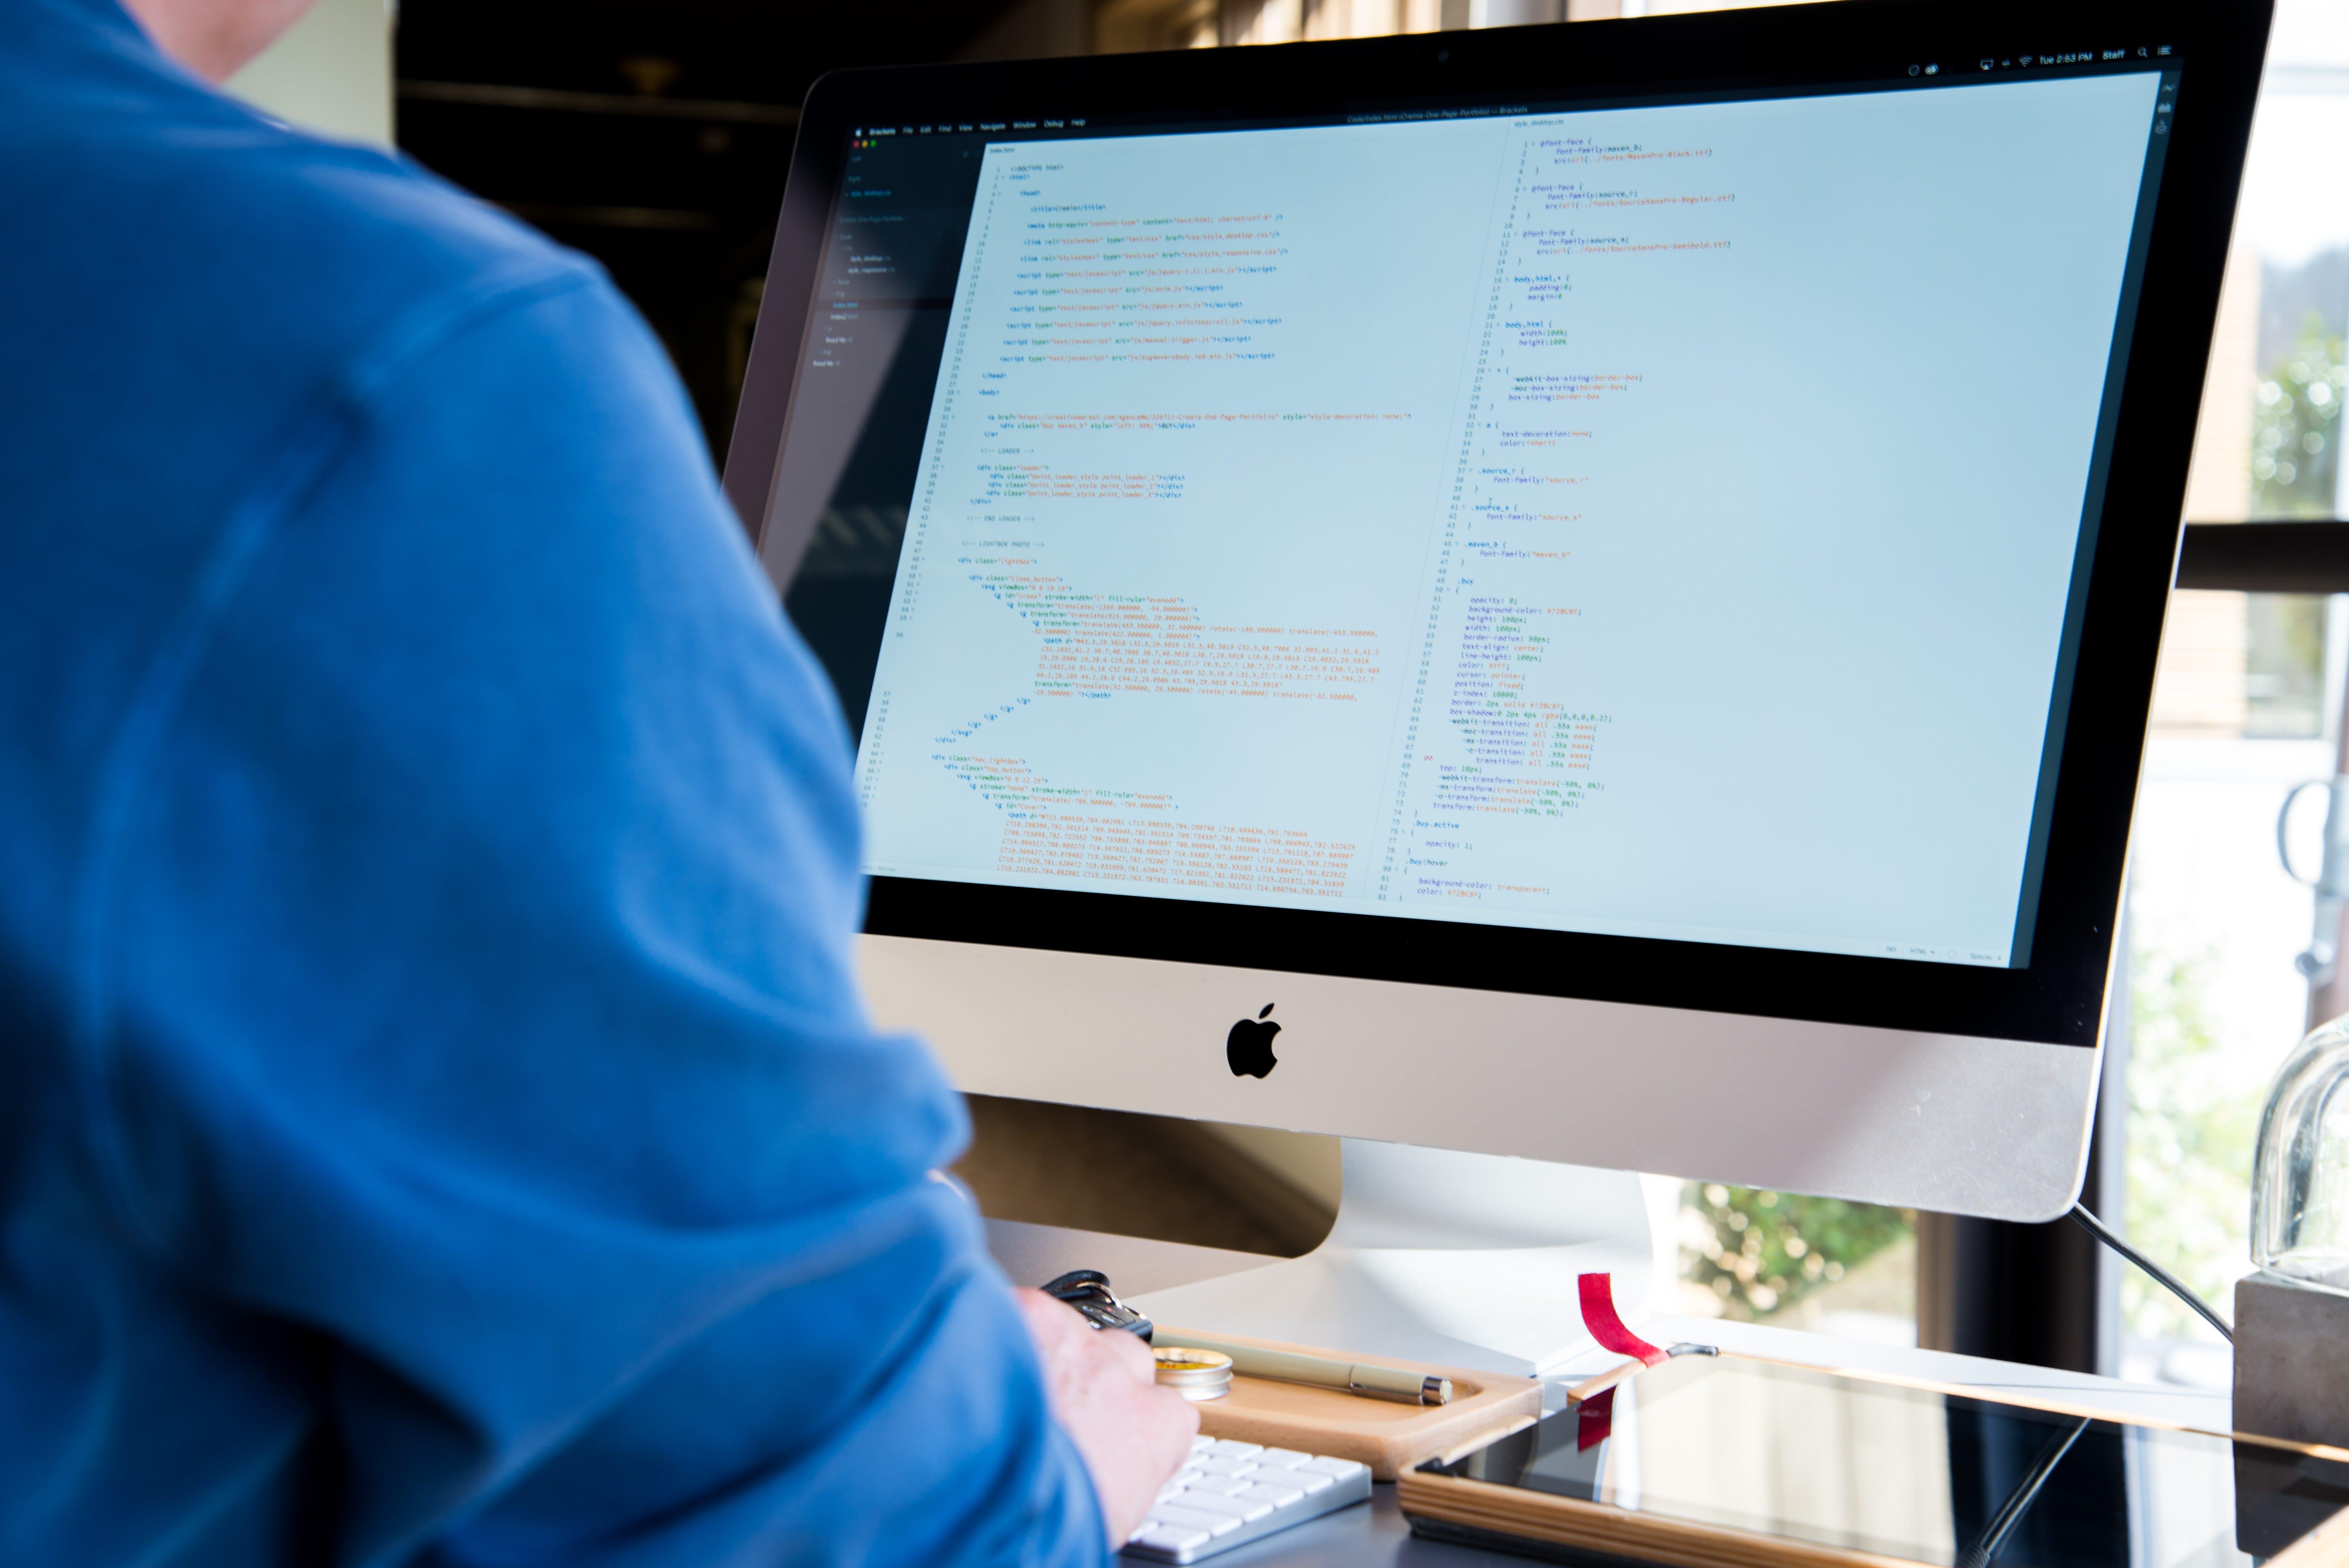 Kostnadsfri bild av äpple, bildskärm, imac, koda